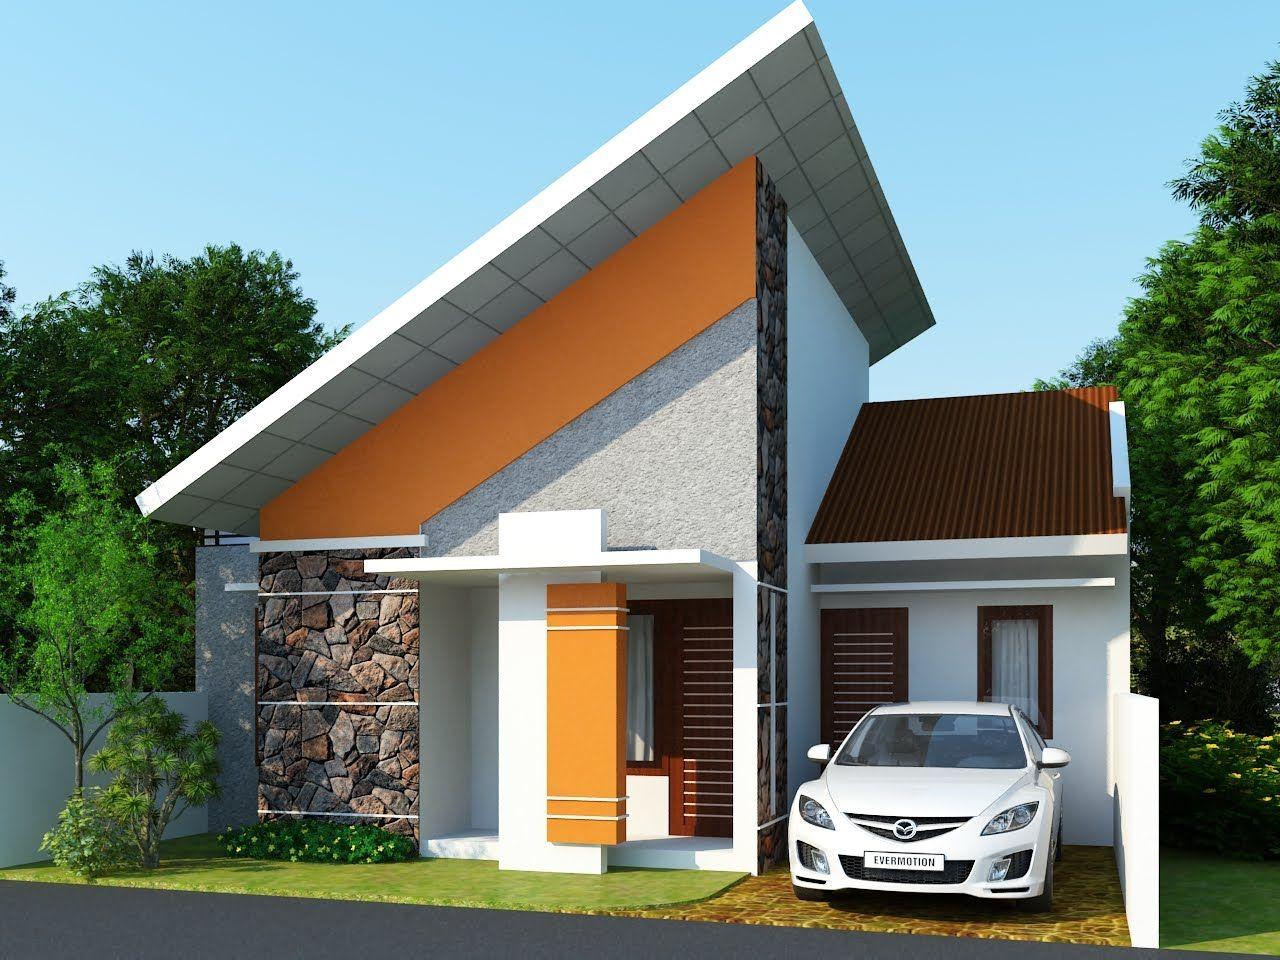 Tips Desain Rumah Minimalis 1 Lantai Dilengkapi Gambar Dan Denah